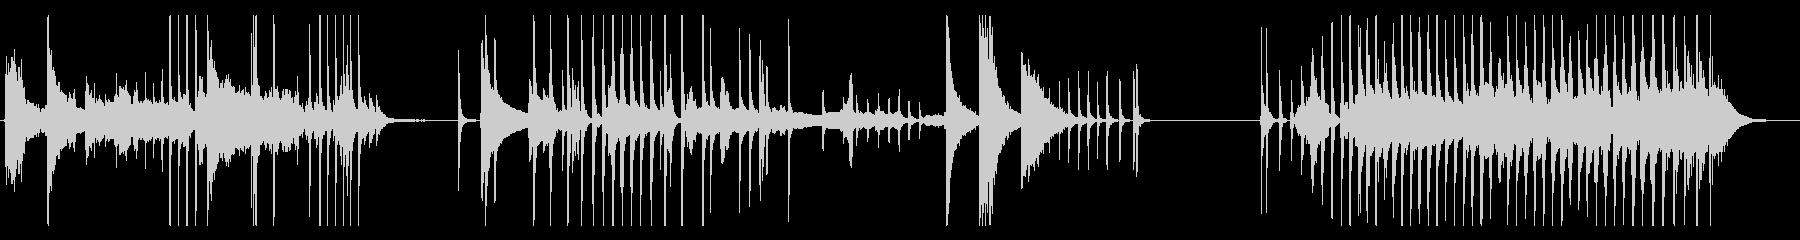 怪談話、怖い系の場面に使えるBGMの未再生の波形